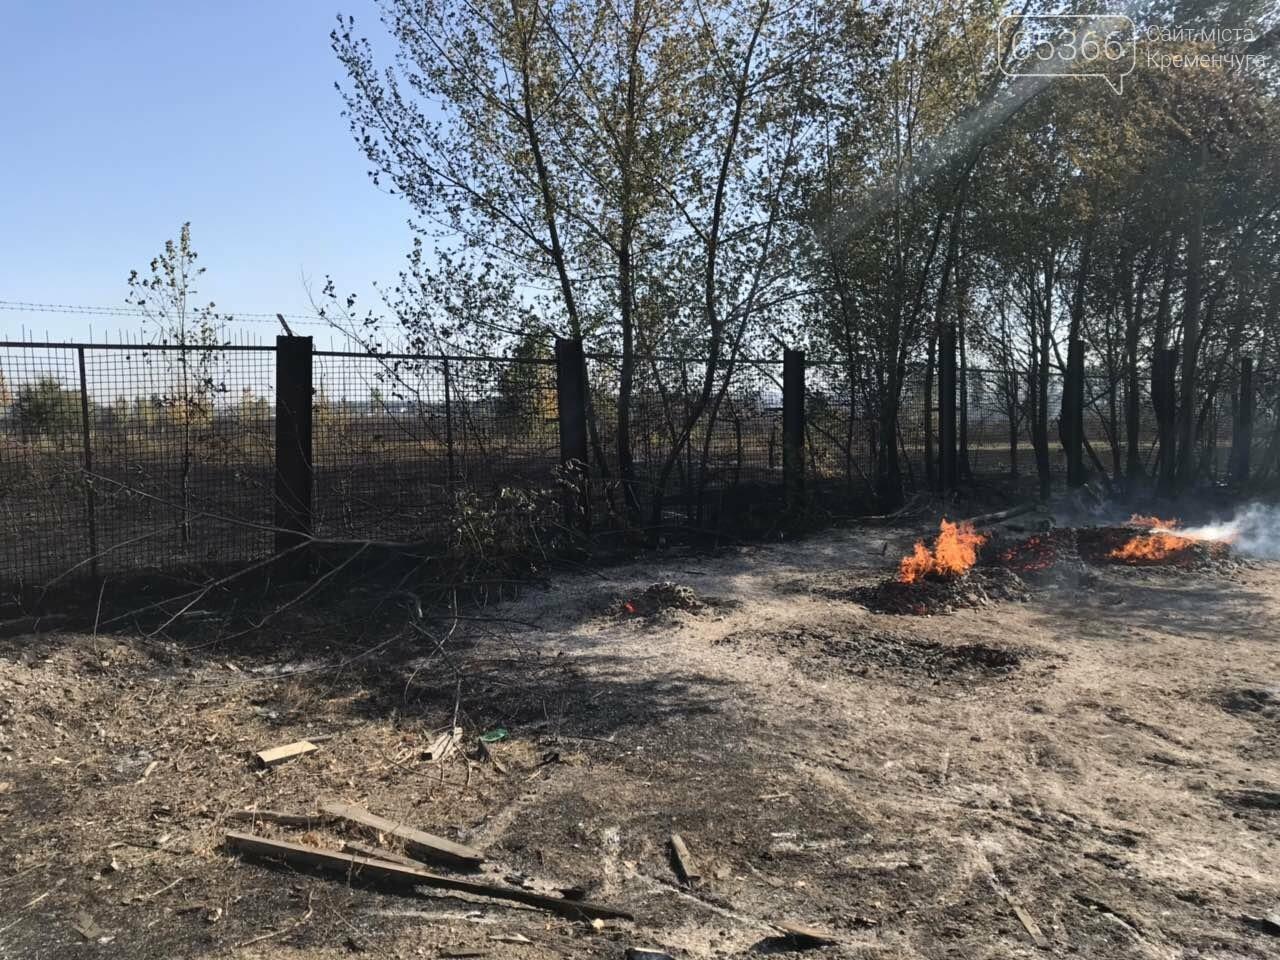 У Кременчуцькому районі вогонь знищив базу з переробки лісоматеріалів. Фото, фото-3